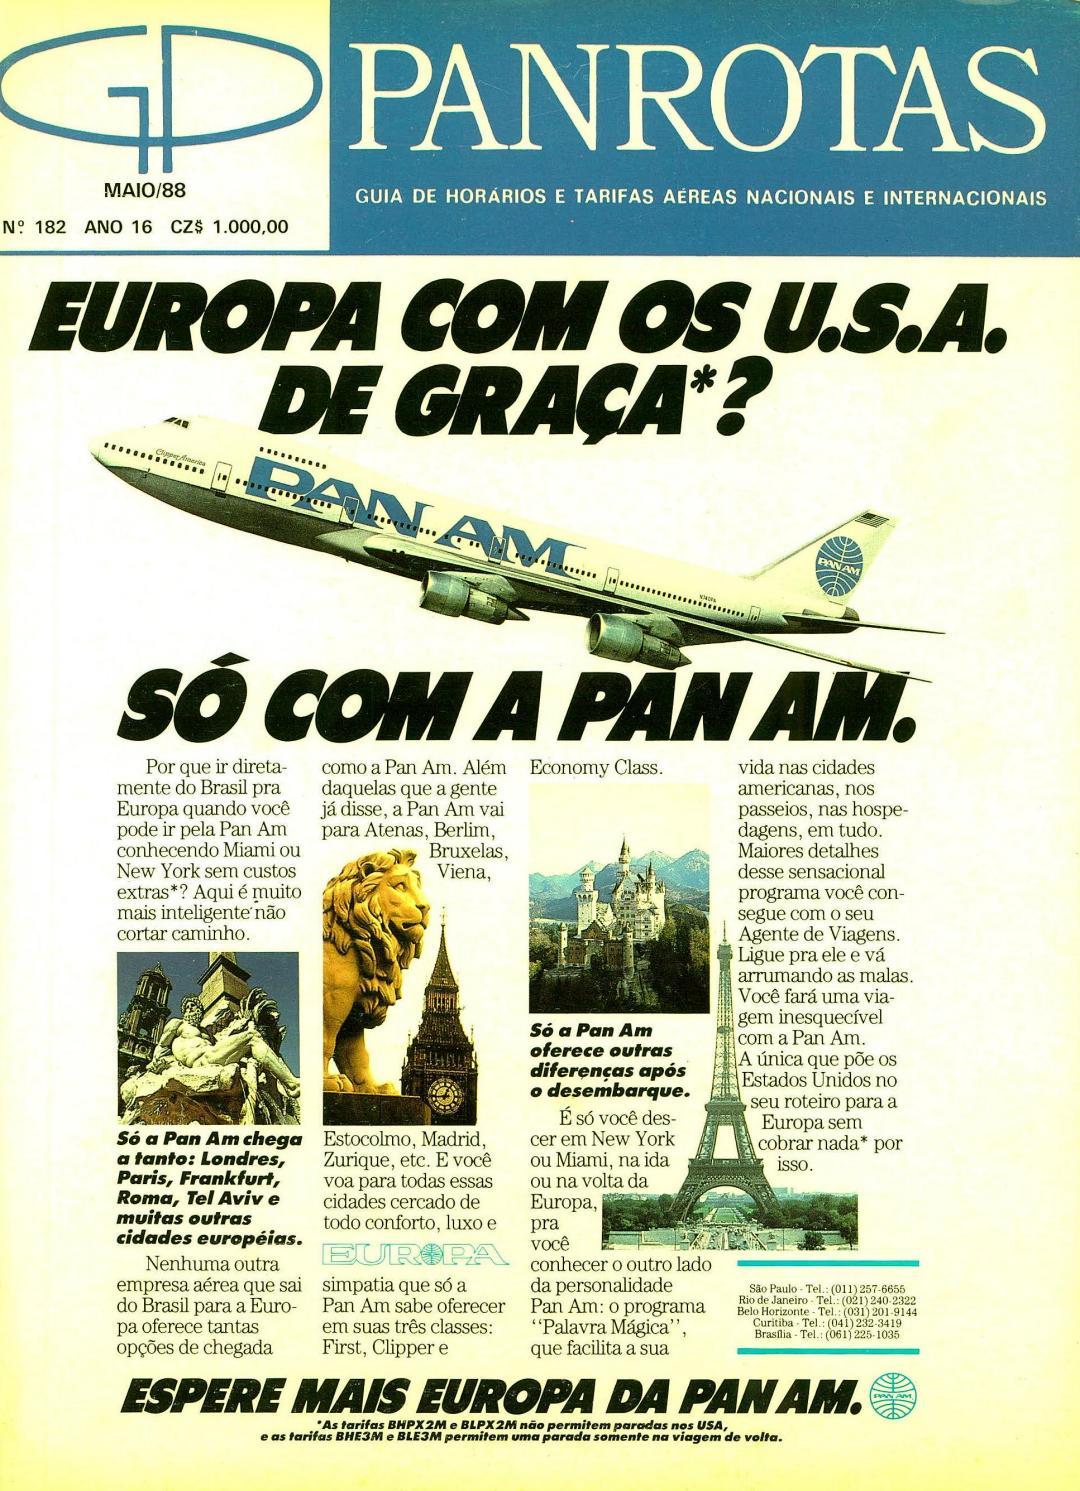 374cfcb21 Guia PANROTAS - Edição 182 - Maio/1988 by PANROTAS Editora - issuu